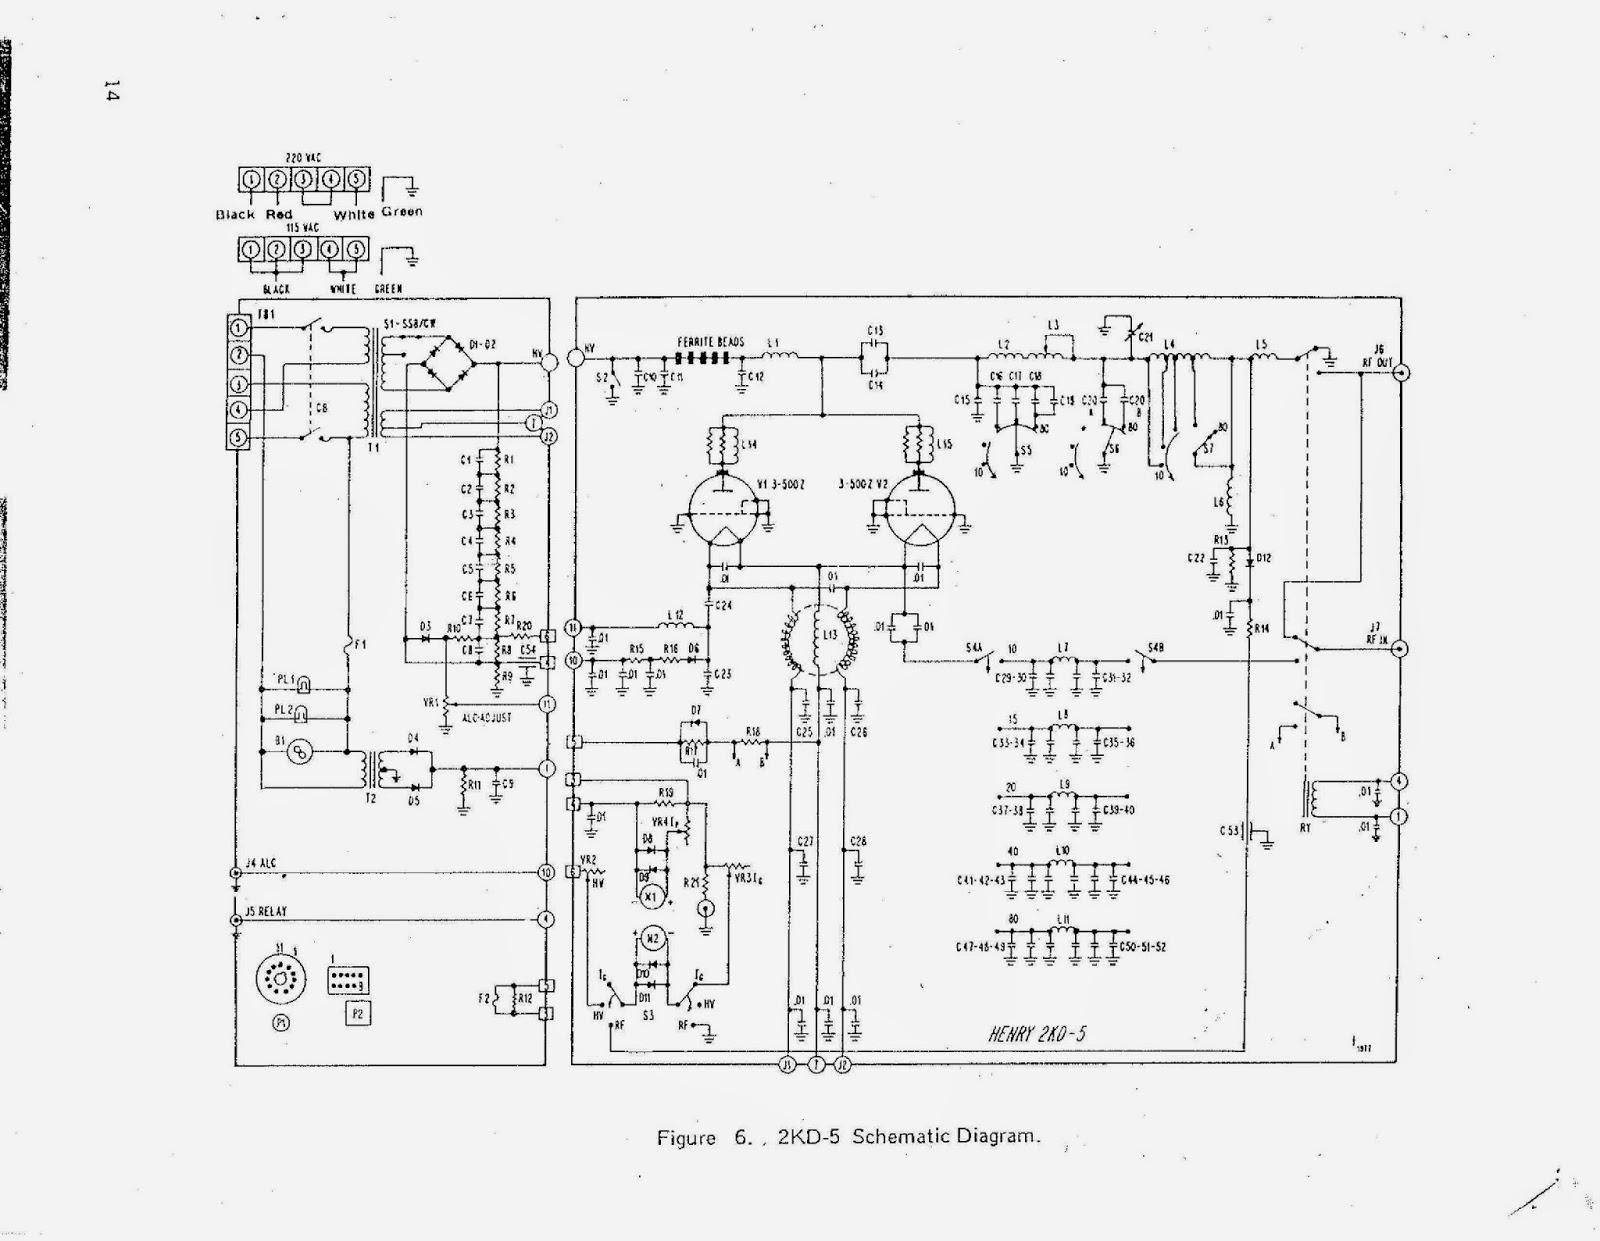 91nr712 Henry 2kd5 Hf Linear Amplifier